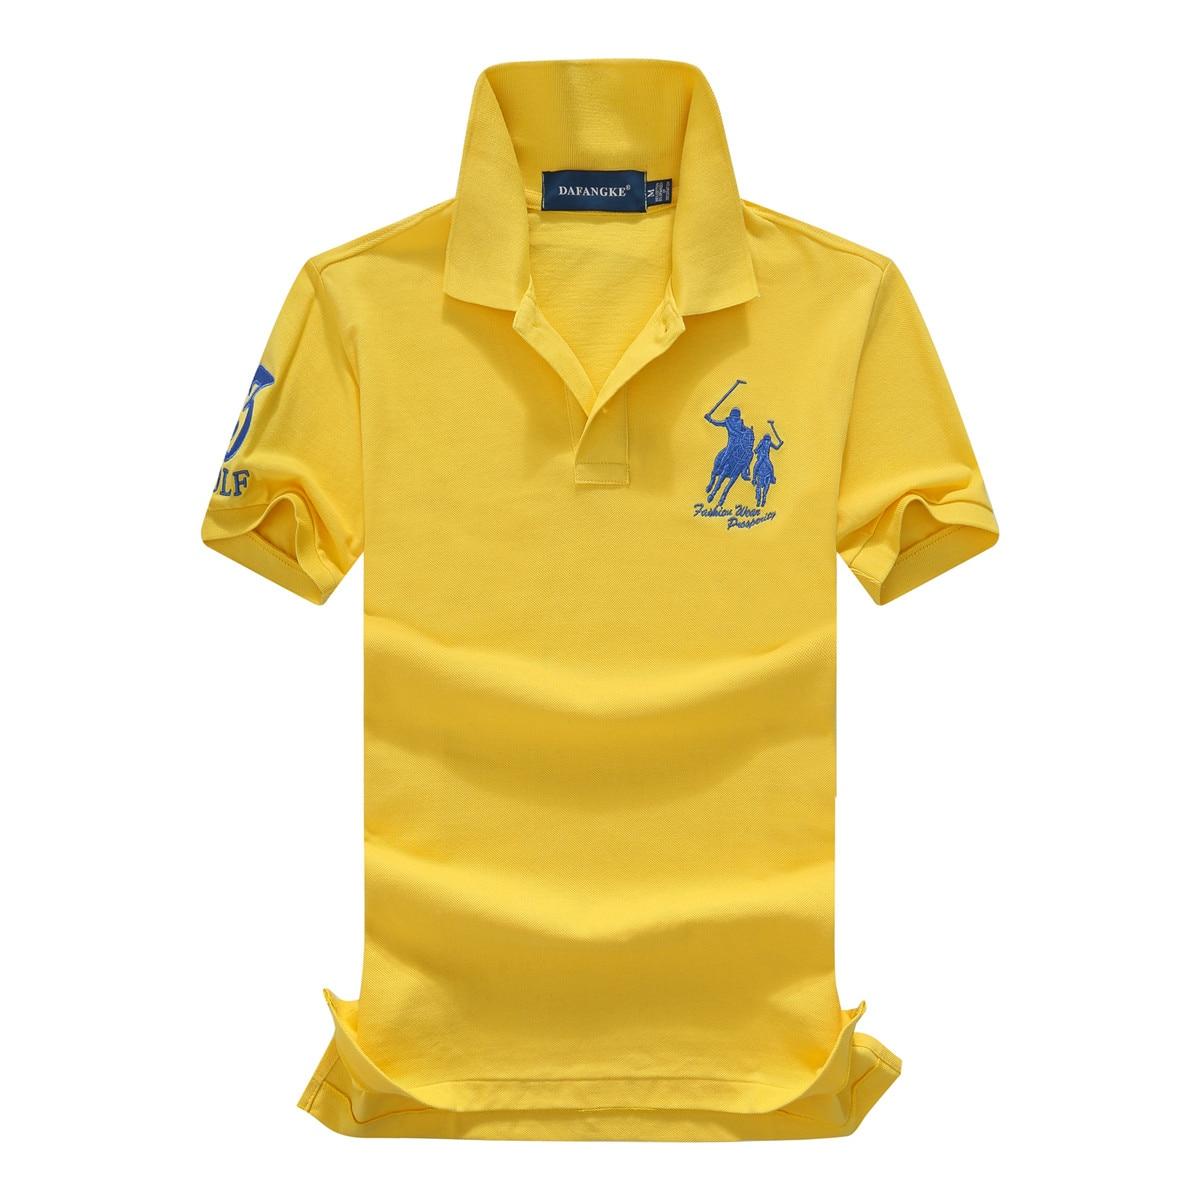 6e4b8191bd6 Buy logo polo pique and get free shipping on AliExpress.com